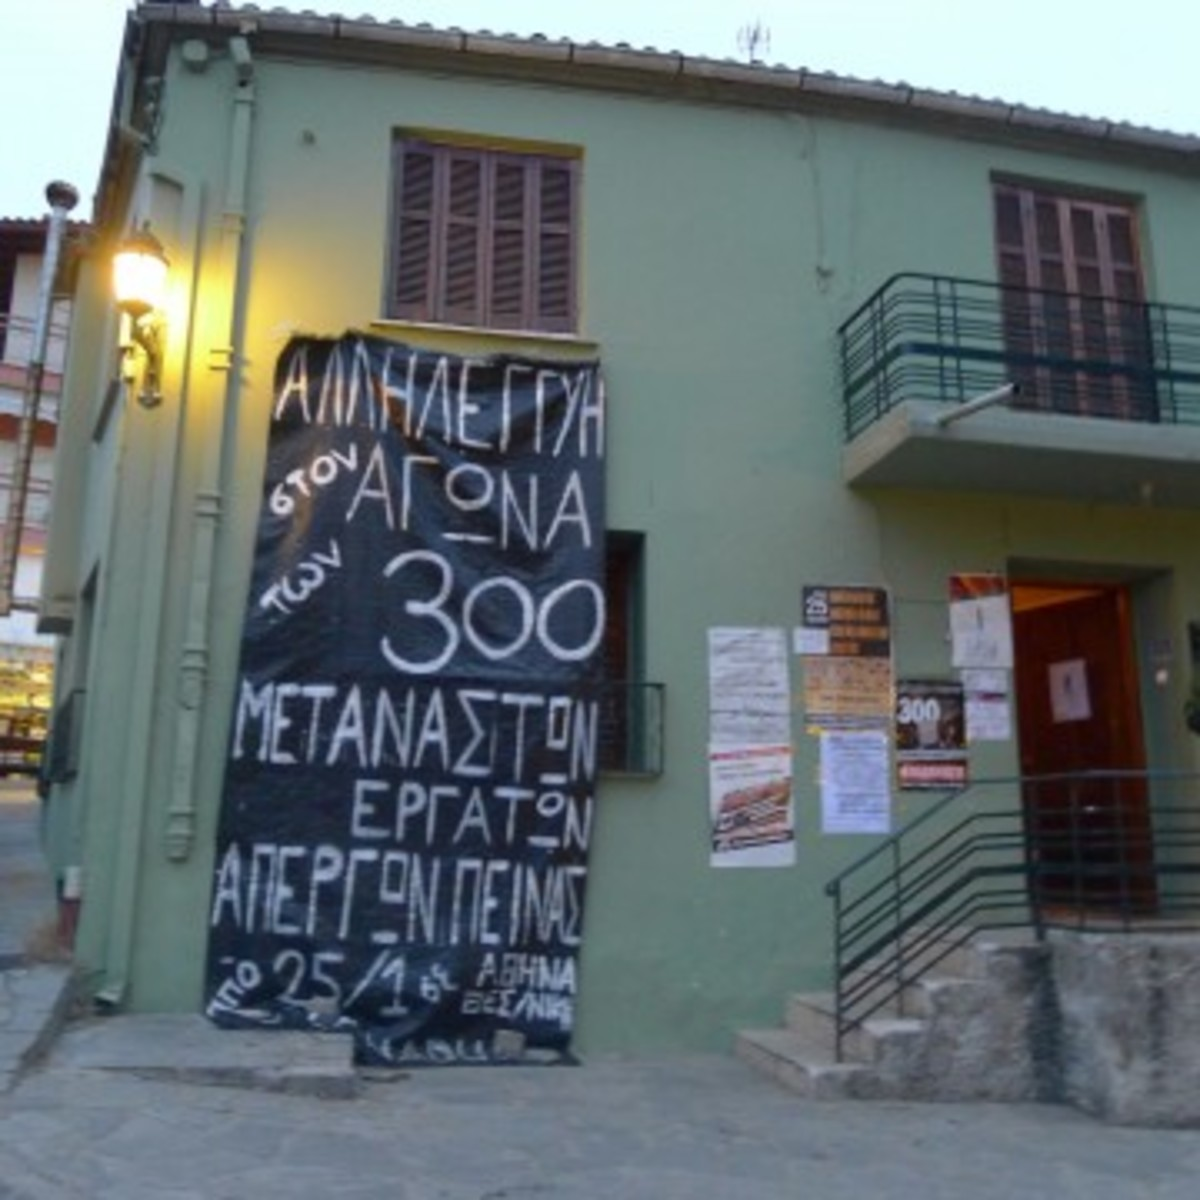 Πυρπόλησαν αυτοδιαχειριζόμενο στέκι στην Ξάνθη | Newsit.gr